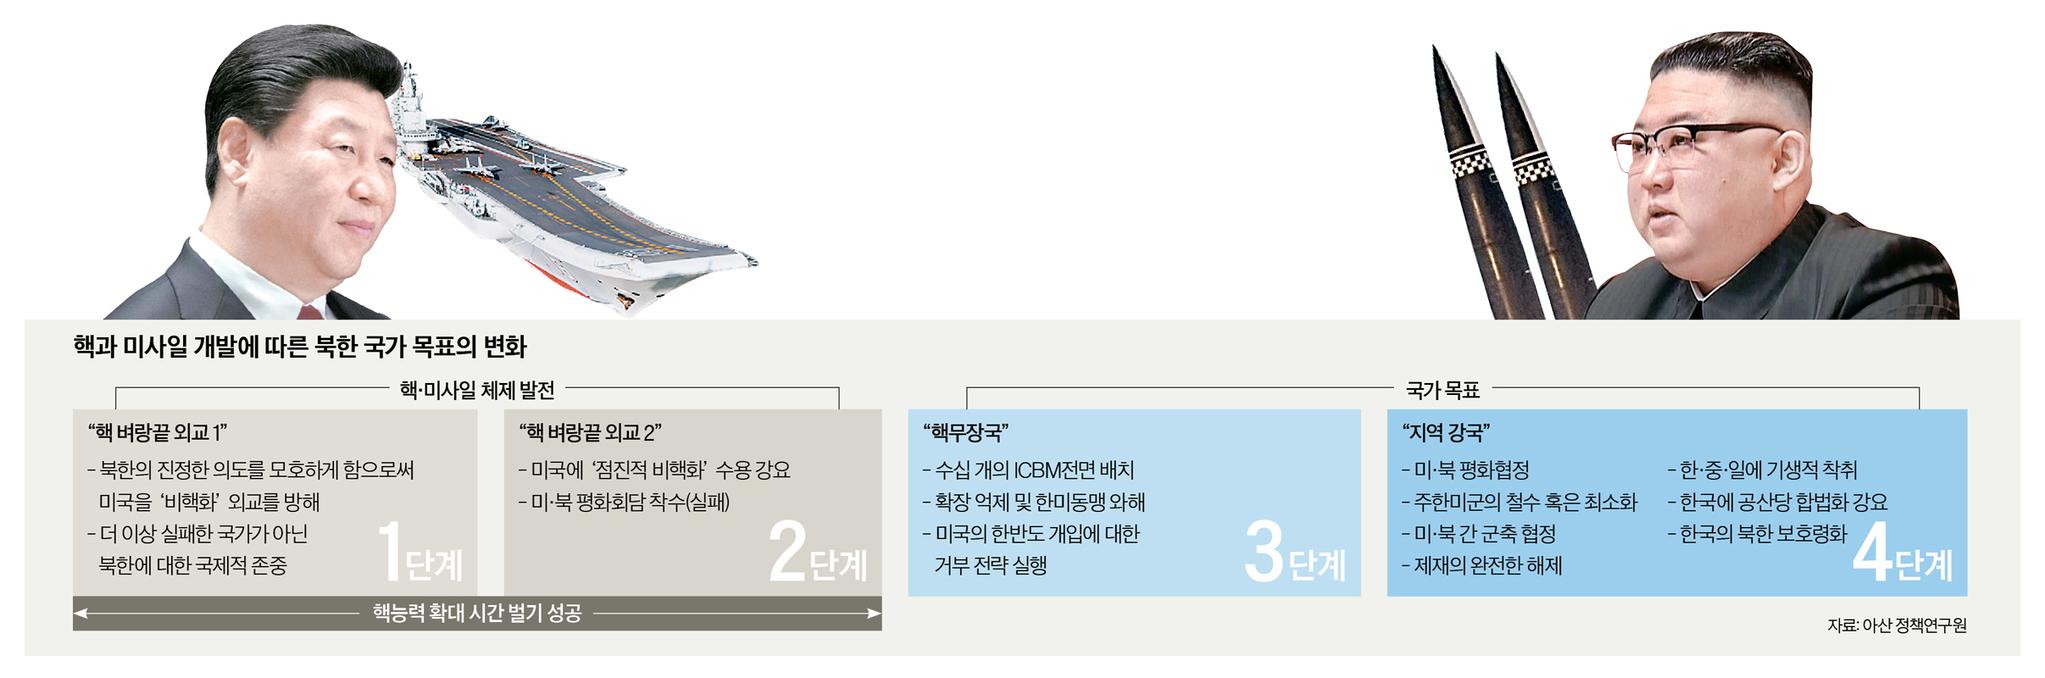 핵과 미사일 개발에 따른 북한 국가 목표의 변화